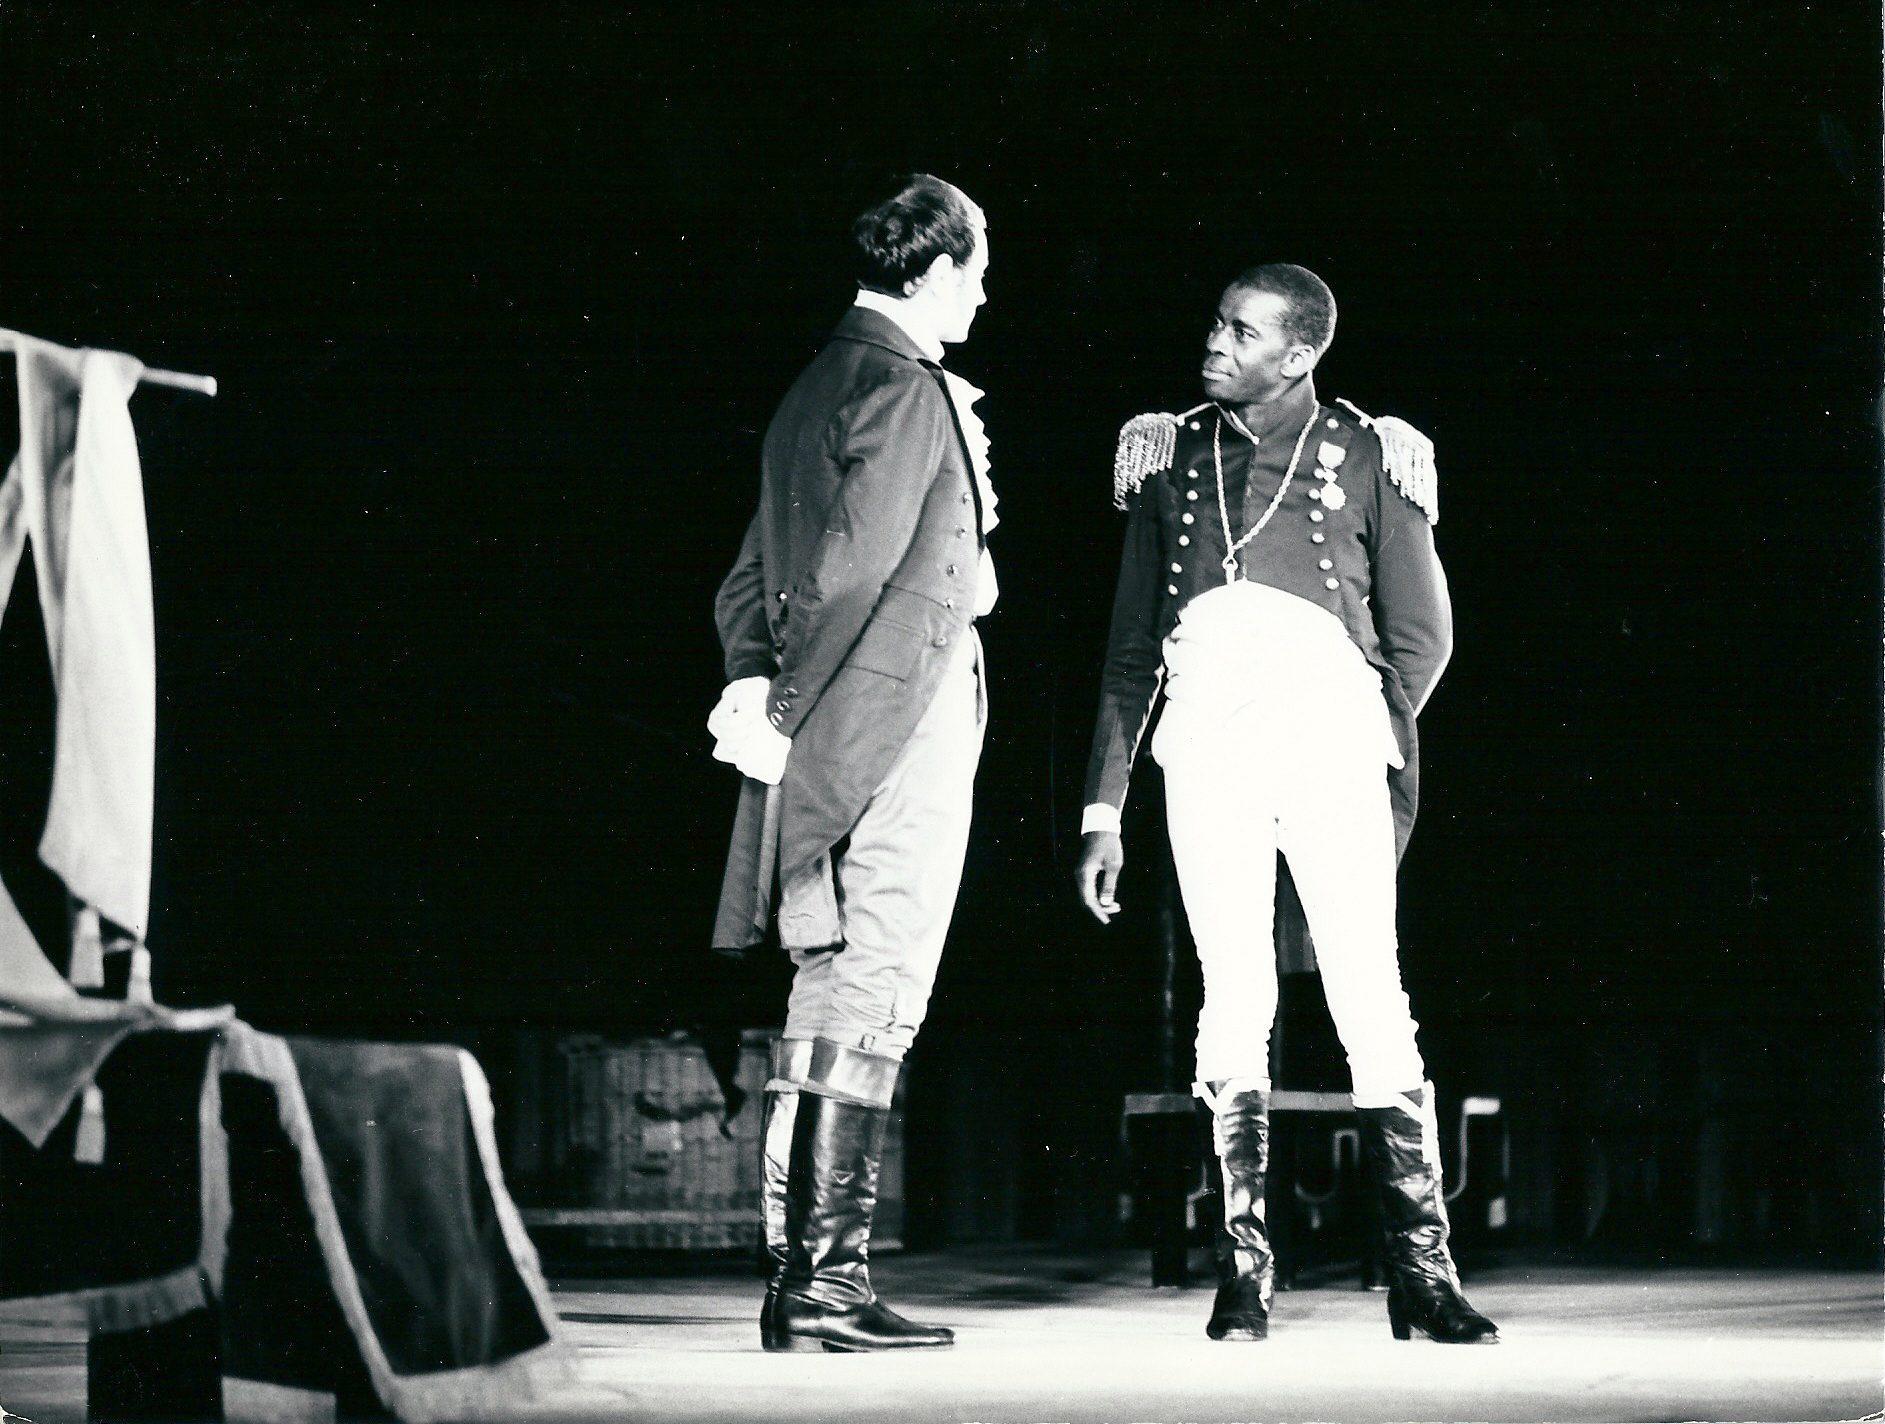 The play La Tragédie du roi Christophe by Aimé Césaire. Festival mondial des nègres, Dakar, 1966. Courtesy of PANAFEST archive